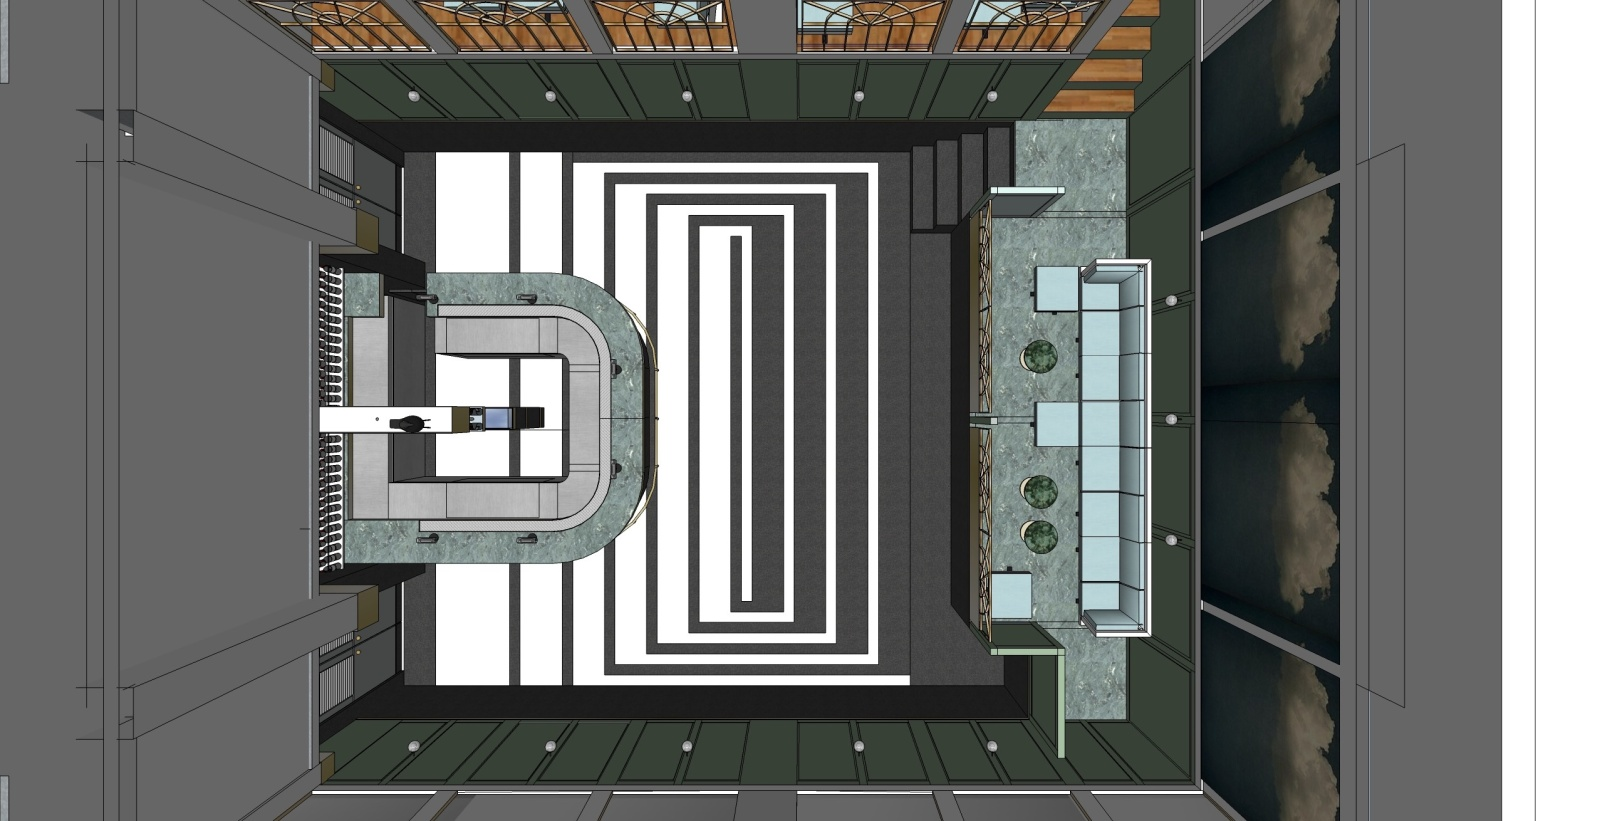 北京三里屯300㎡酒吧施工图+给排水电气图纸施工图下载【ID:160713139】